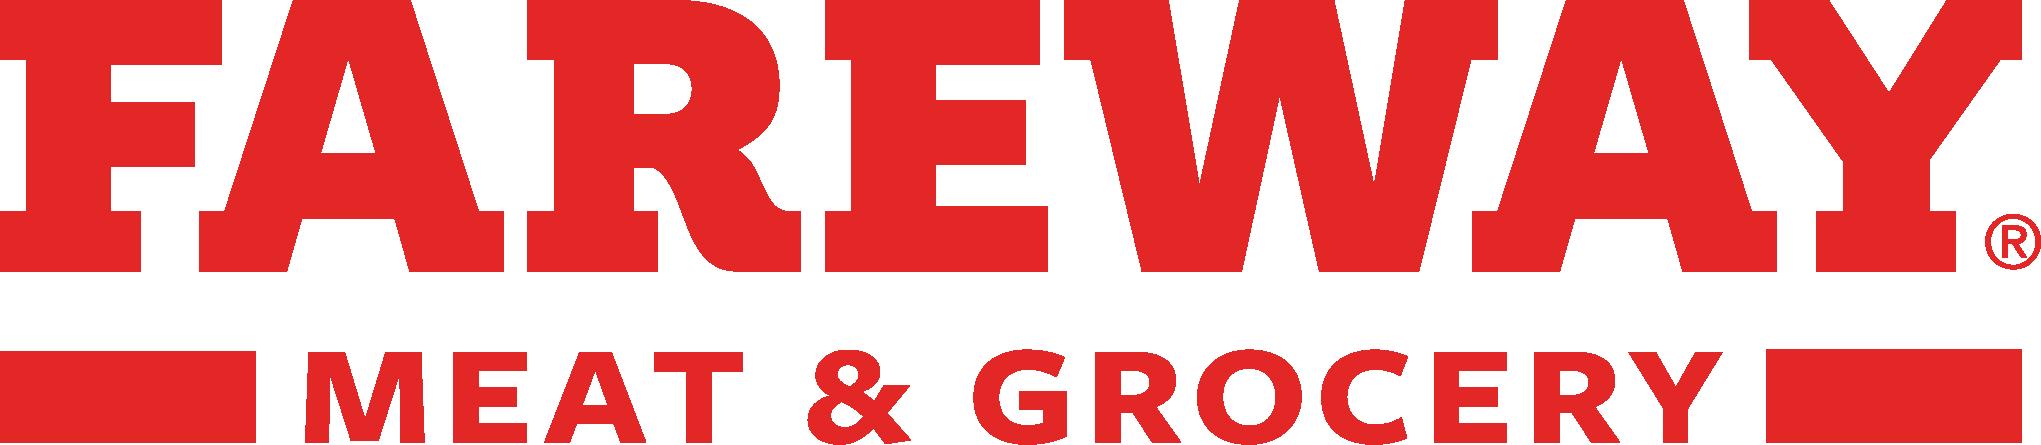 fareway-logo-1C.png